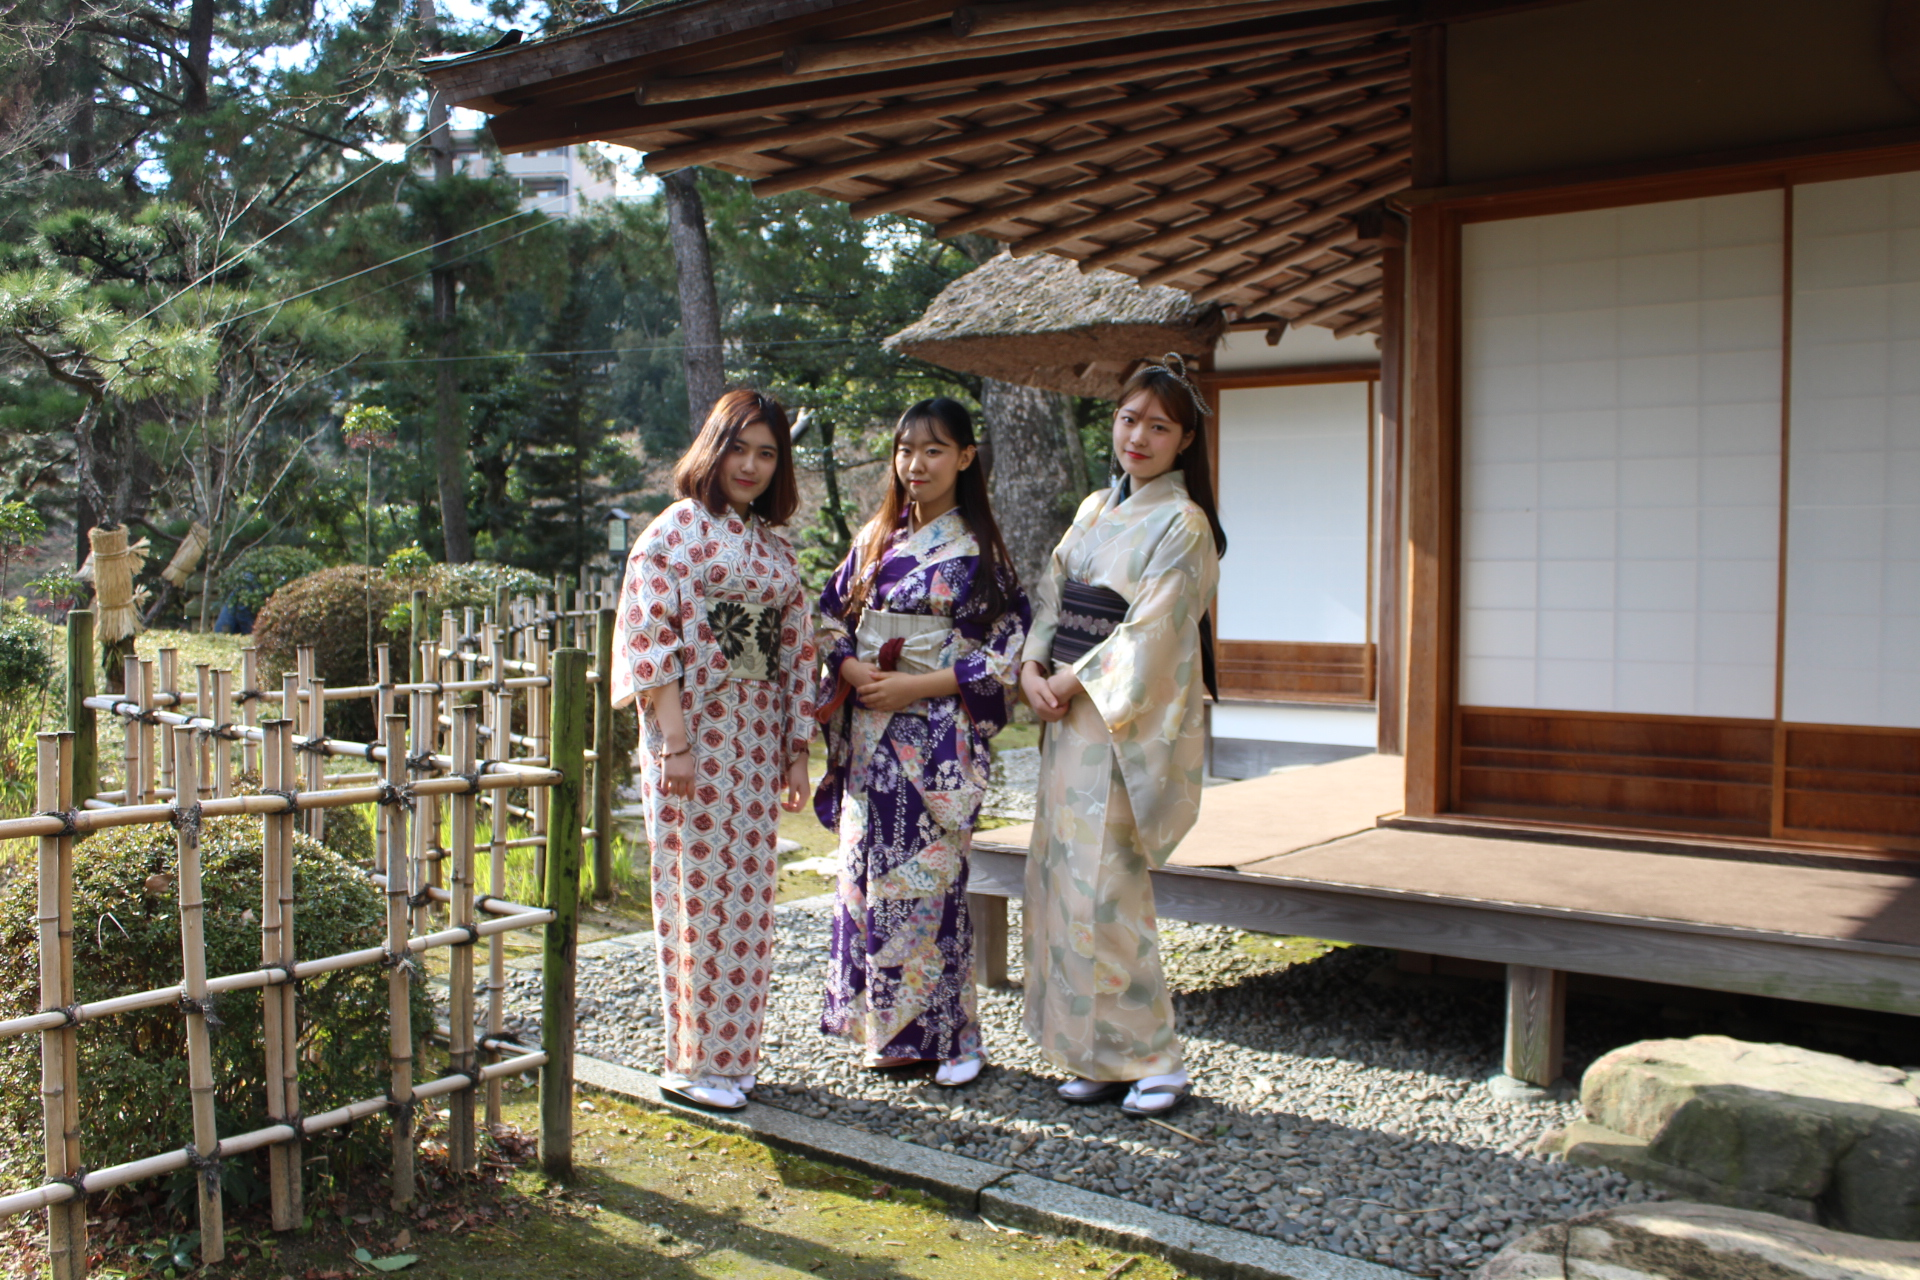 換上和服體驗日本文化&漫步縮景園與廣島城